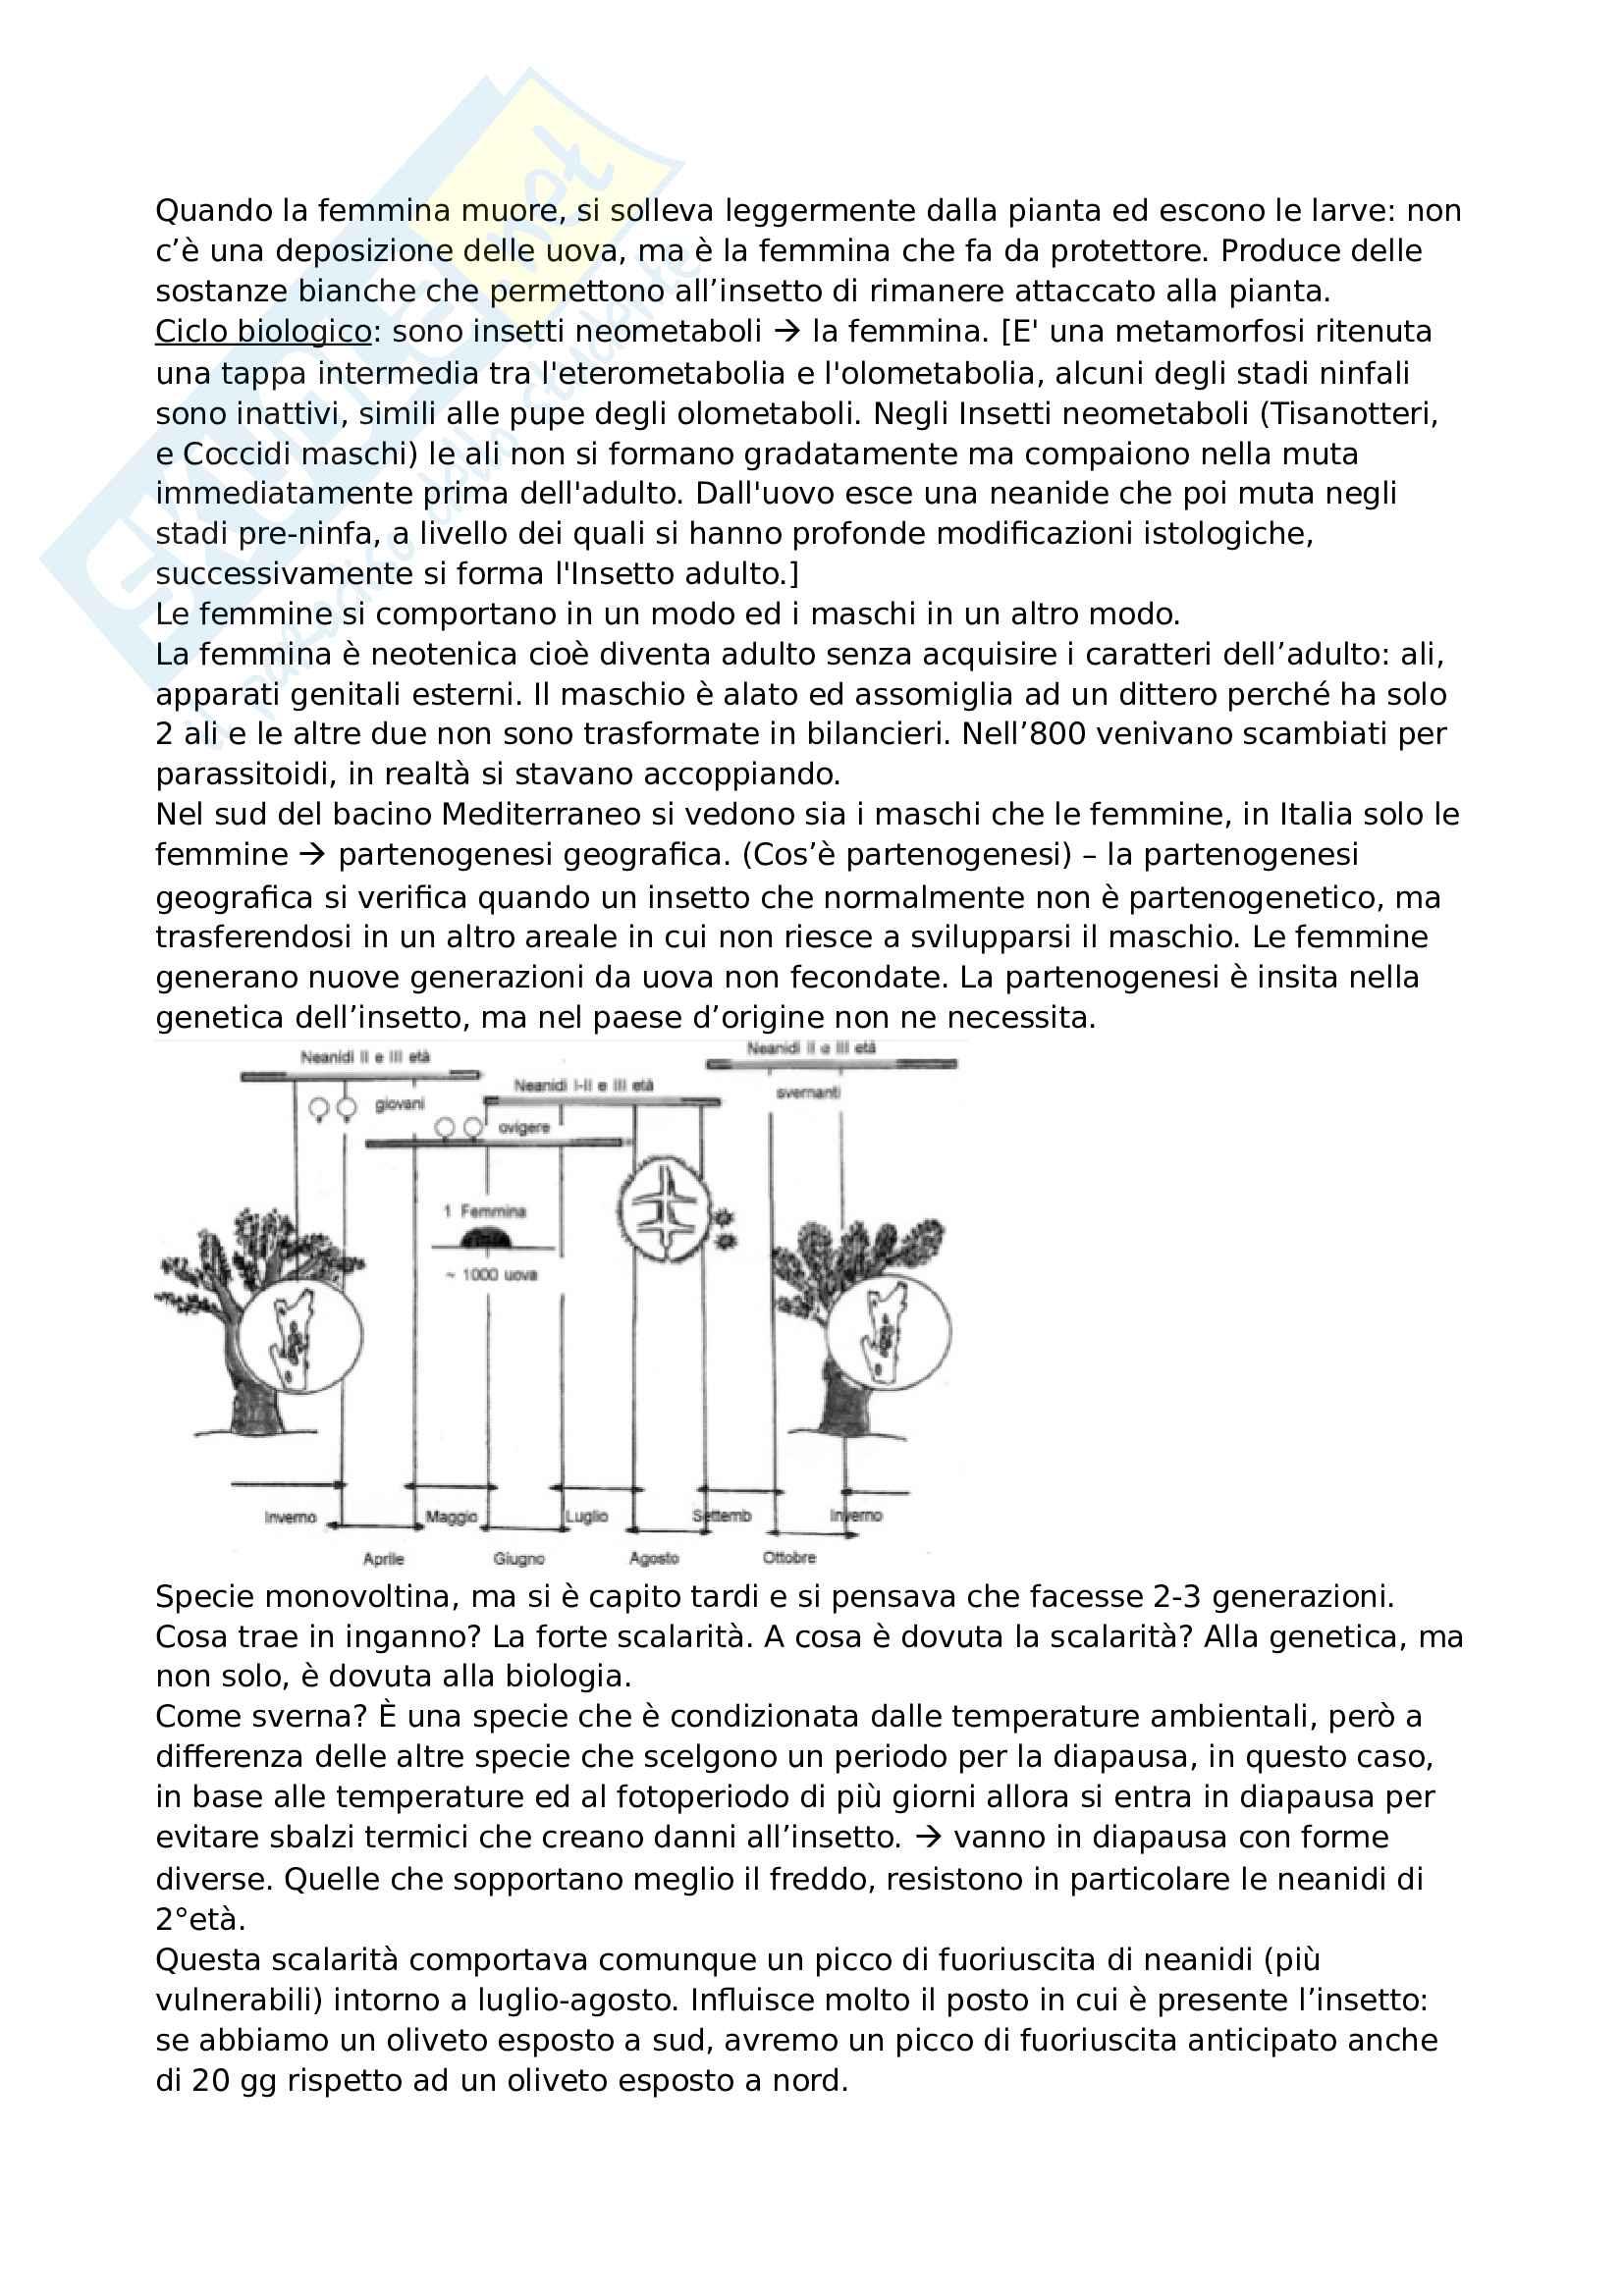 Appunti lotta integrata Pag. 41